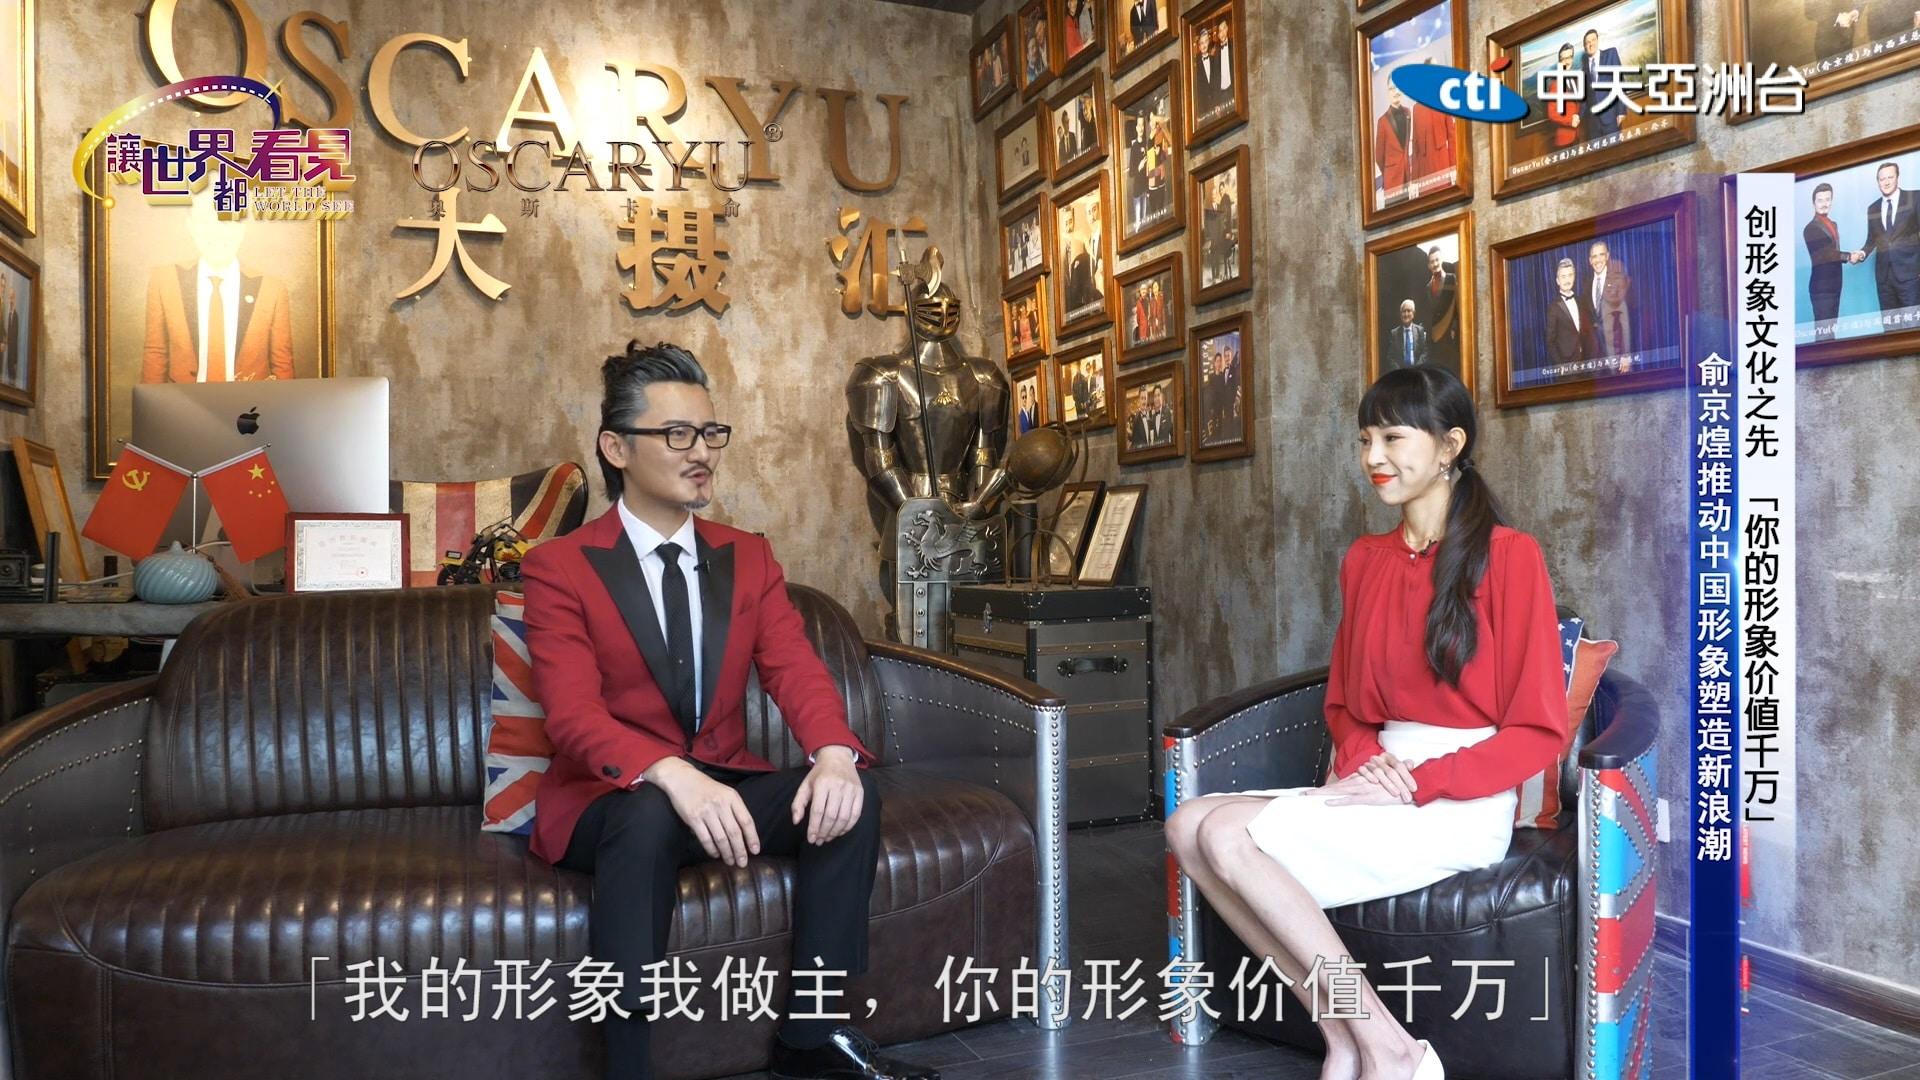 星澤國際-讓世界都看見-電視專訪節目-OSCARYU俞京煌中國首席攝影師